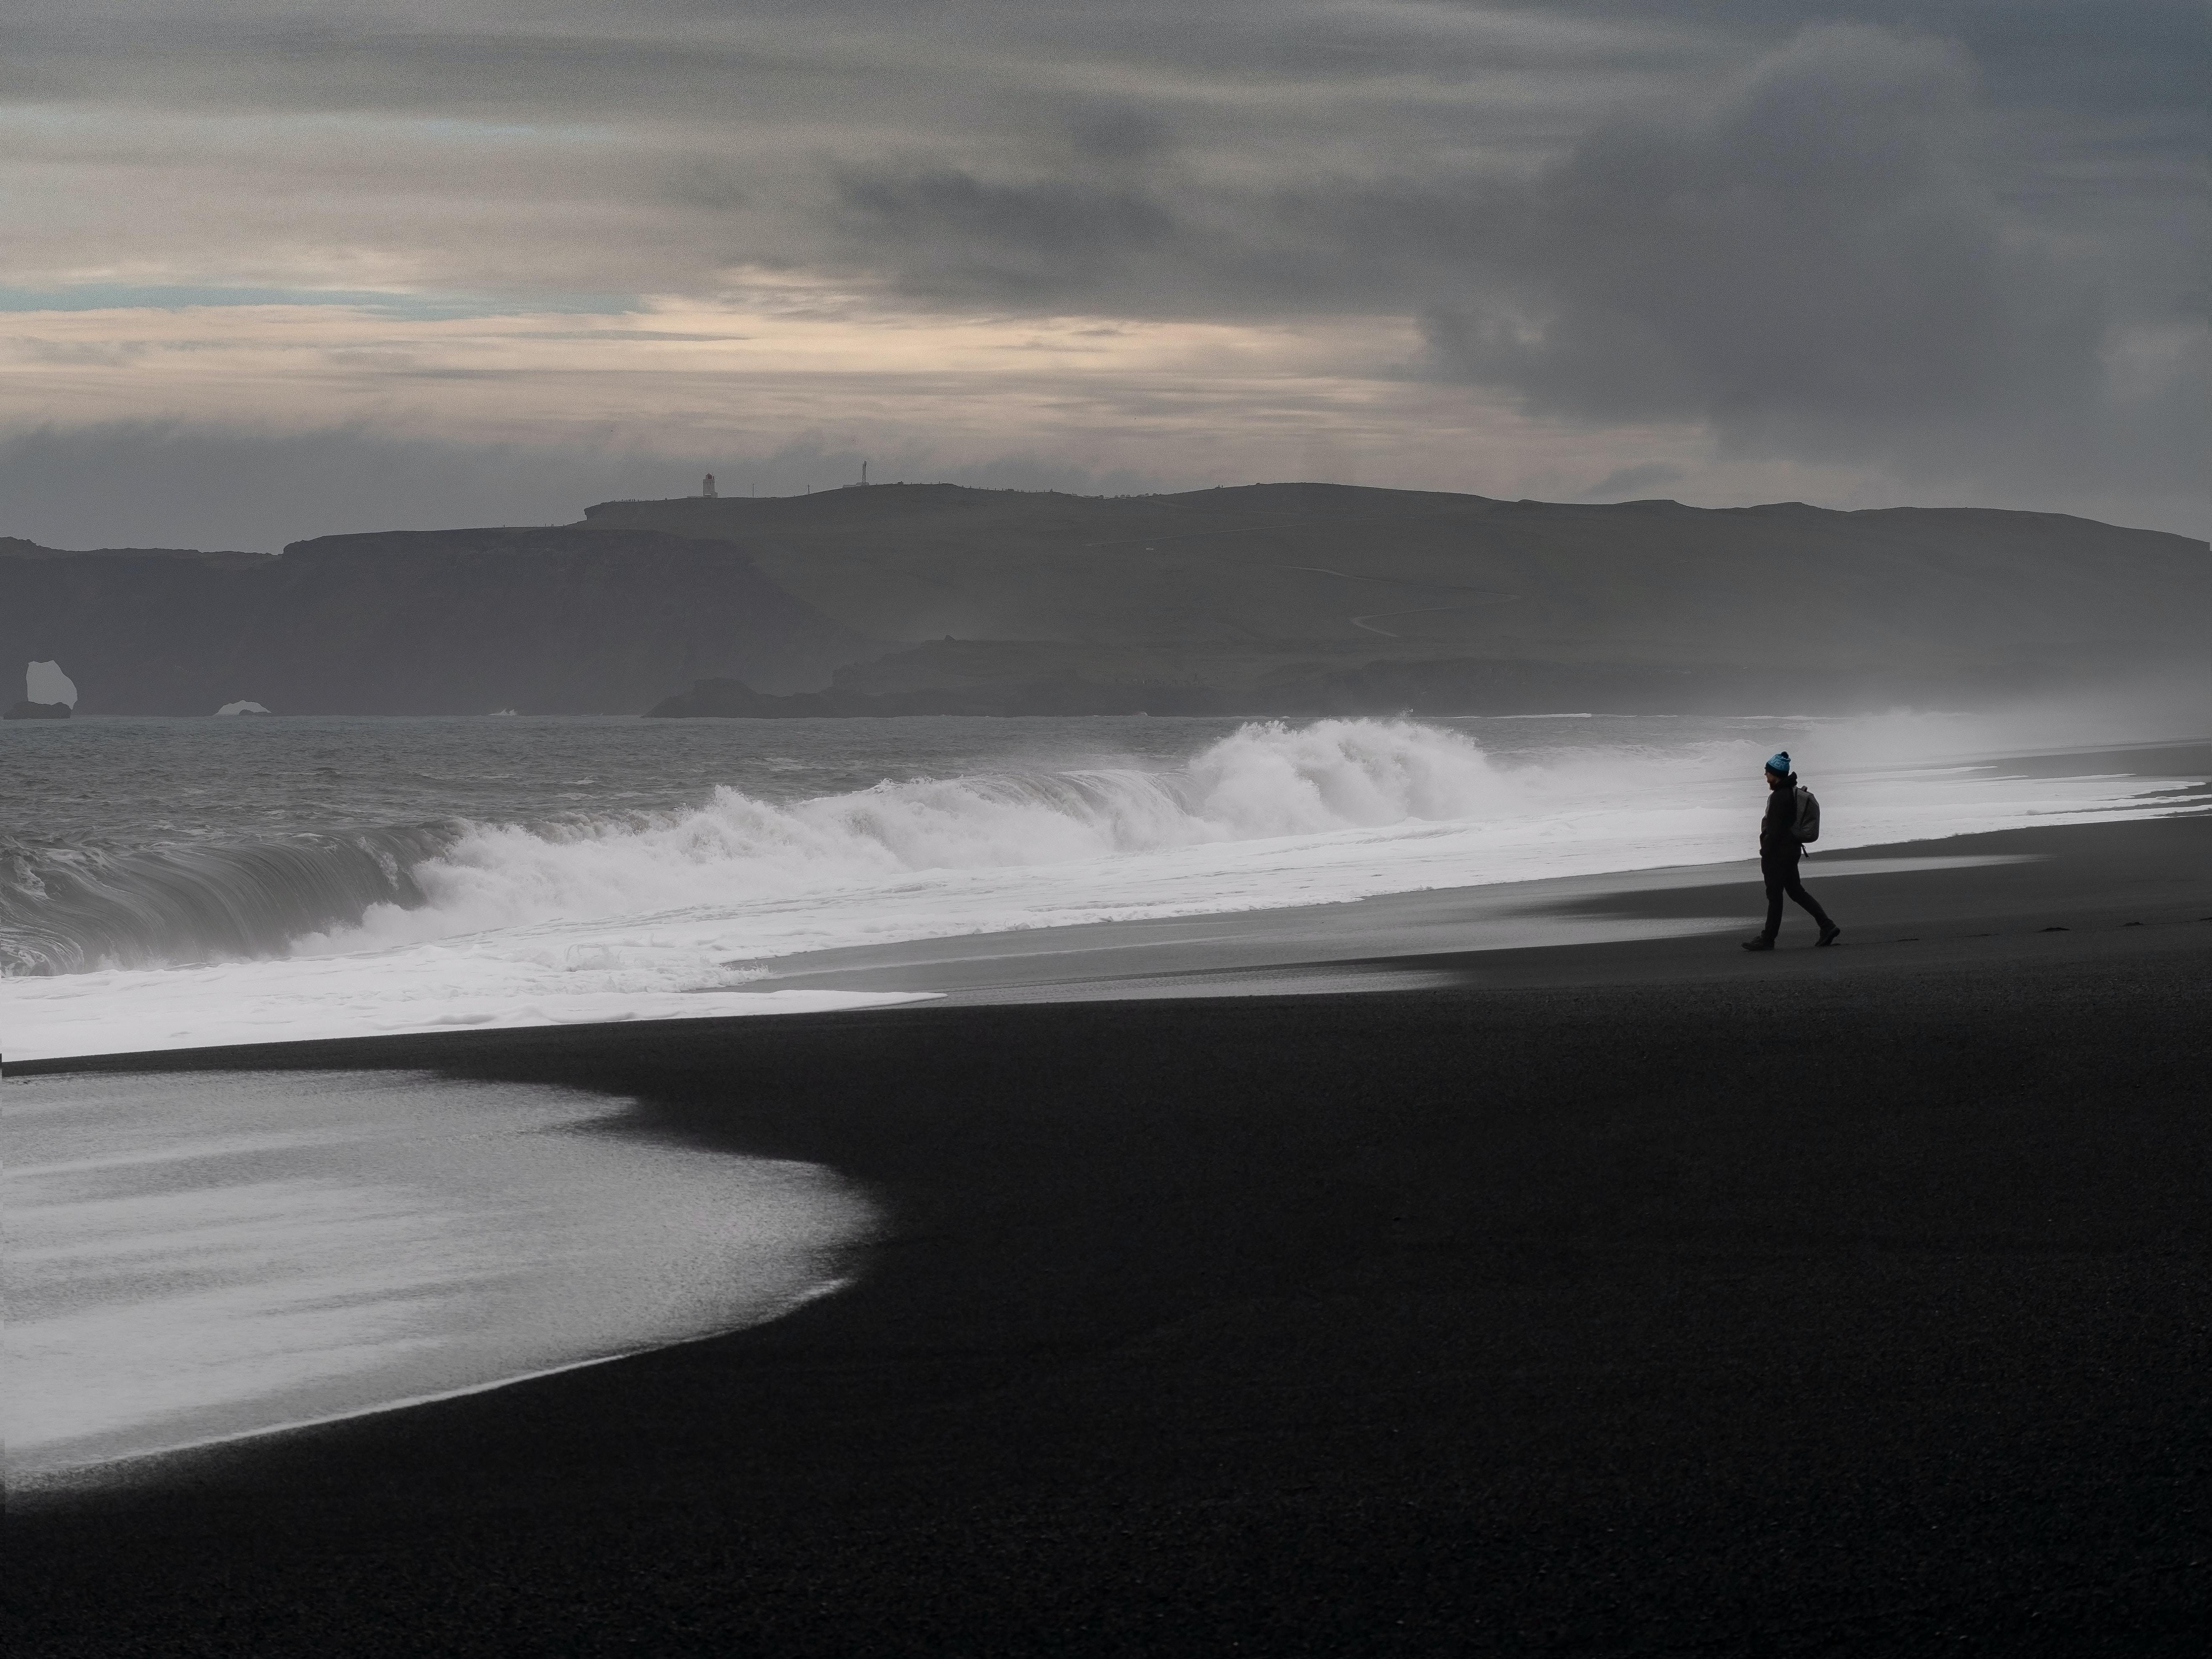 silhouette photo of person on seashore